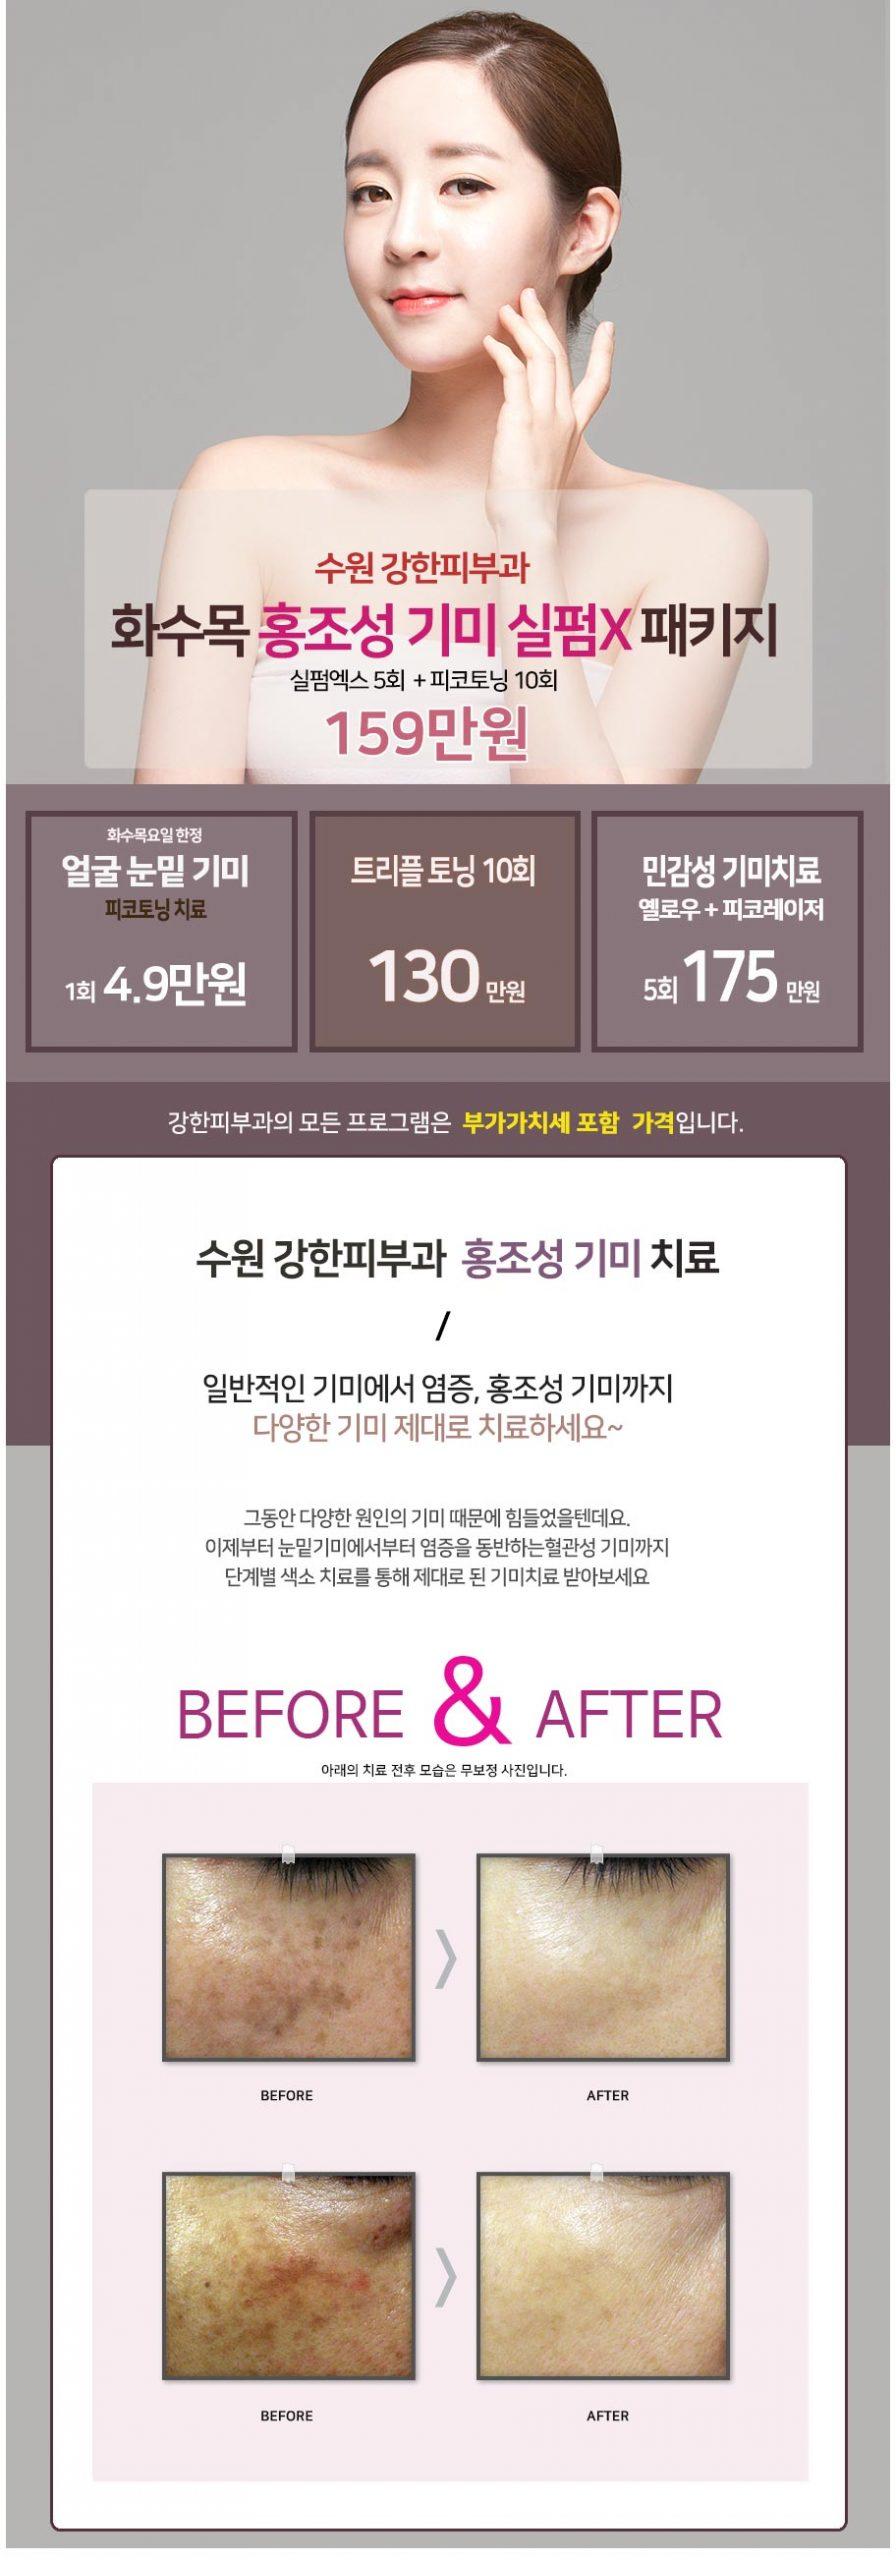 수원 홍조성 기미치료